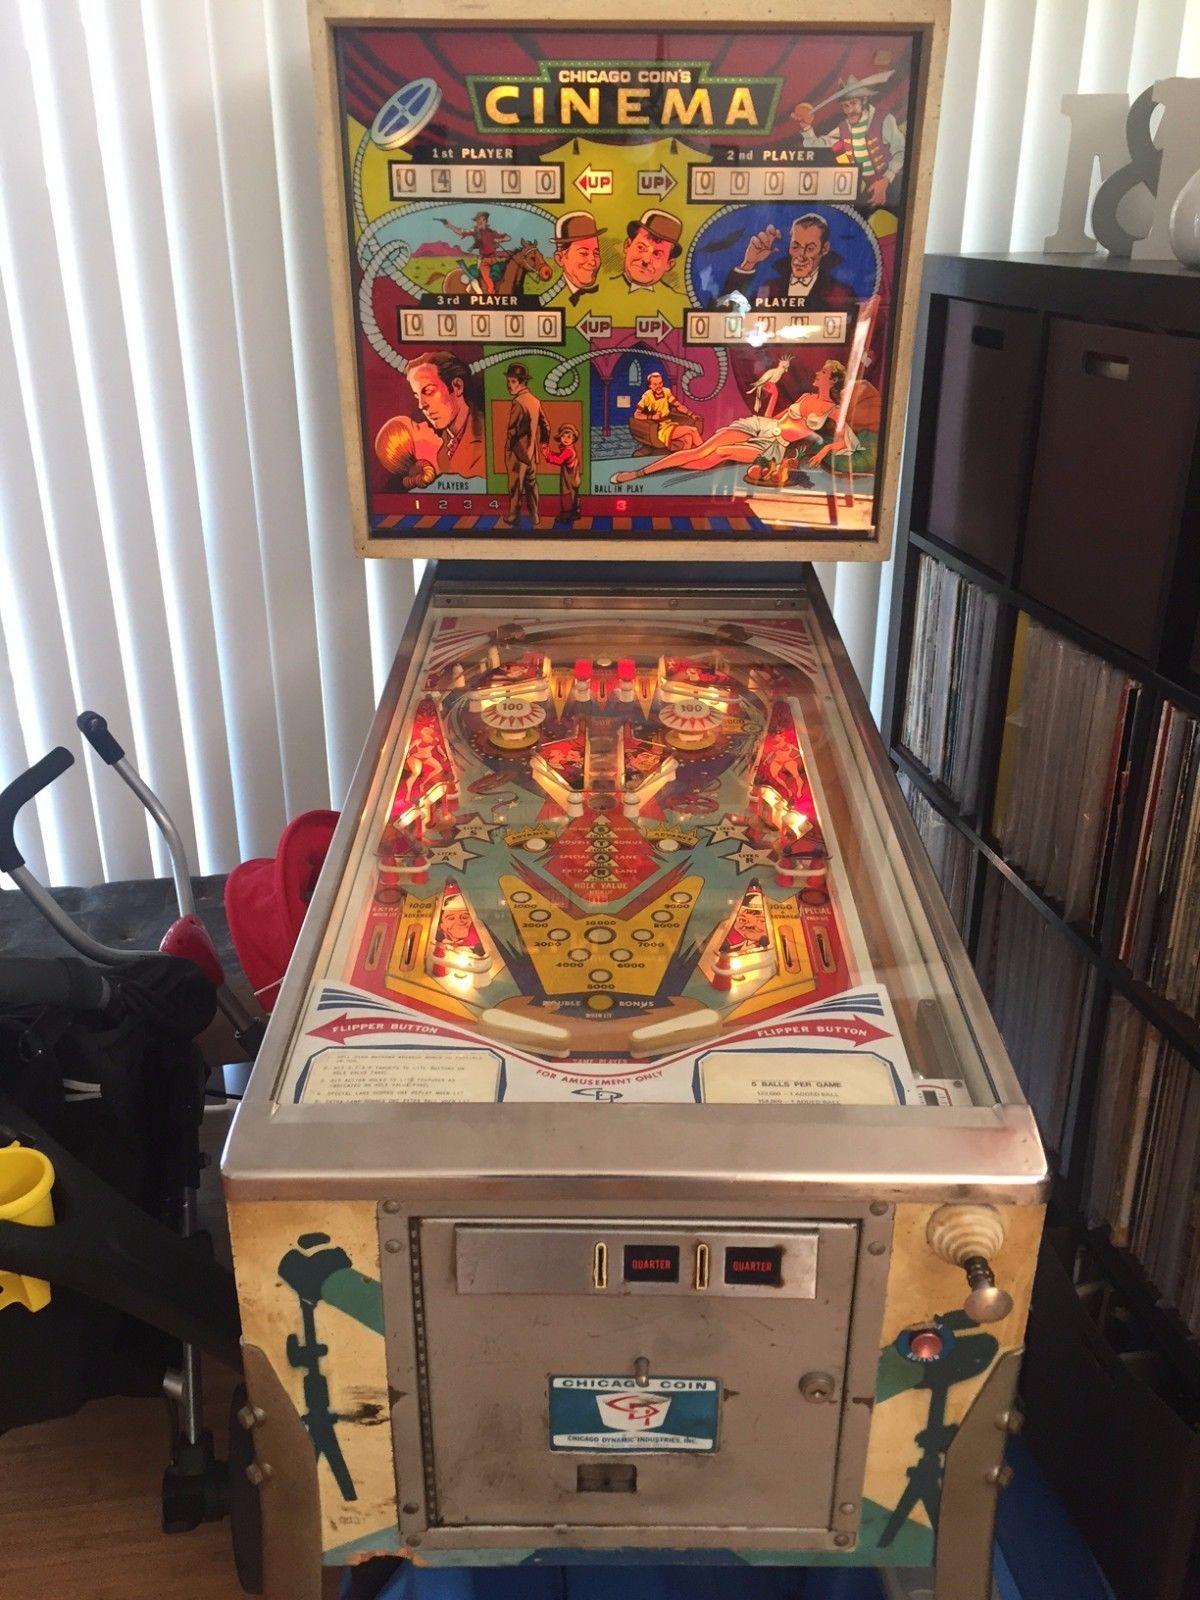 chicago coin cinema pinball machine